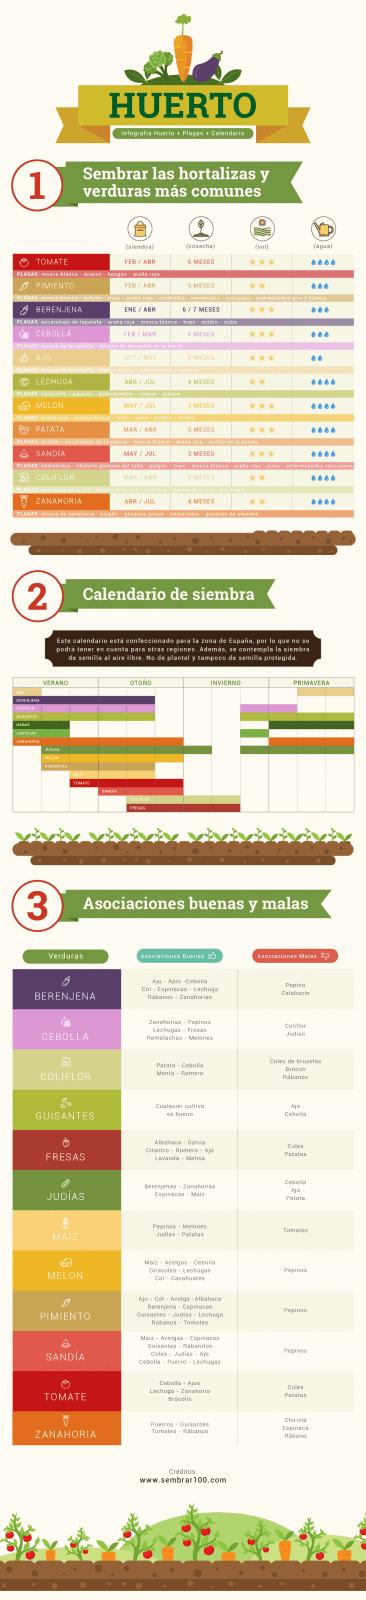 infografia sobre como hacer un huerto urbano